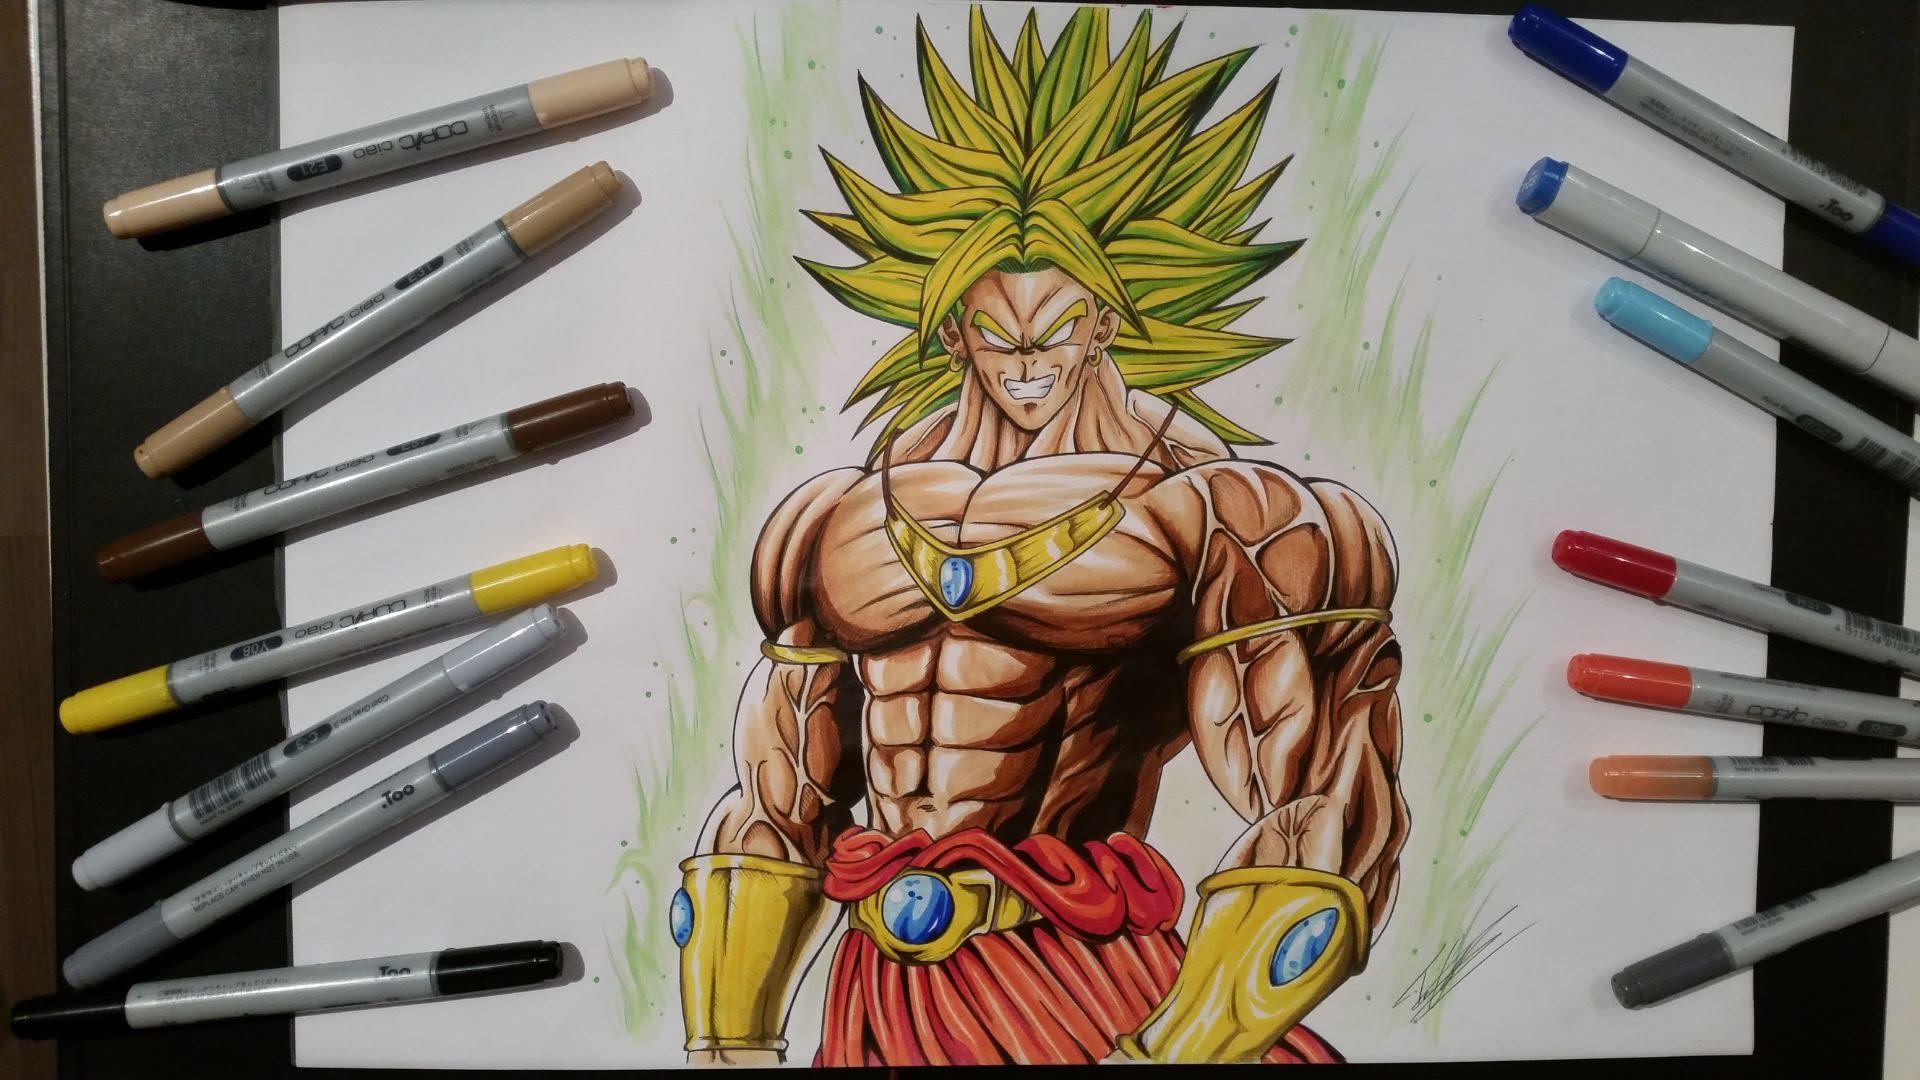 1920x1080 Drawing Broly The Legendary Super Saiyan [Dragon Ball Z]